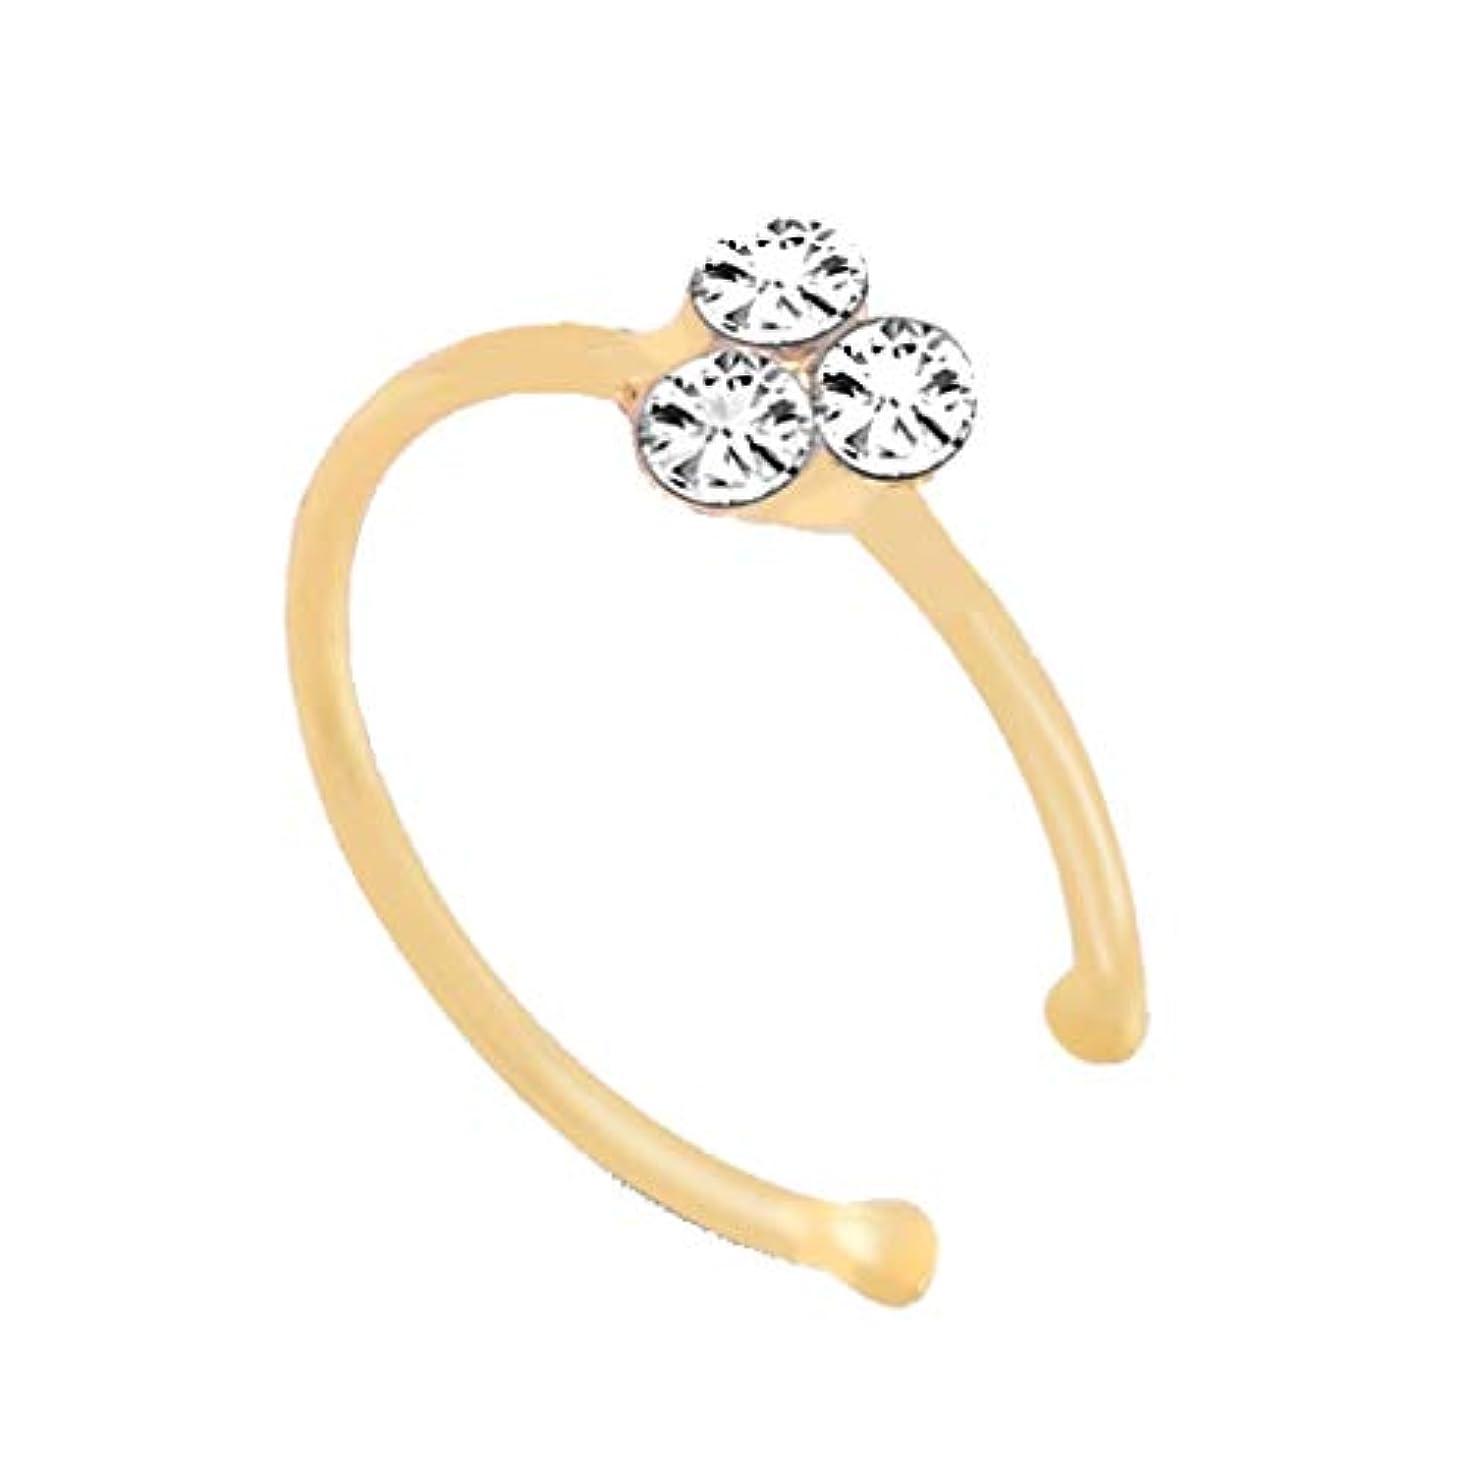 シーン輝度流星Nicircle 3ドリル 鼻輪 鼻ネイル ゴールド 女性のための新しい1Pcファッション装飾鼻輪ファッションドロップ鼻輪スタッド New 1Pc Fashion Decoration Nose Rings Fashion...